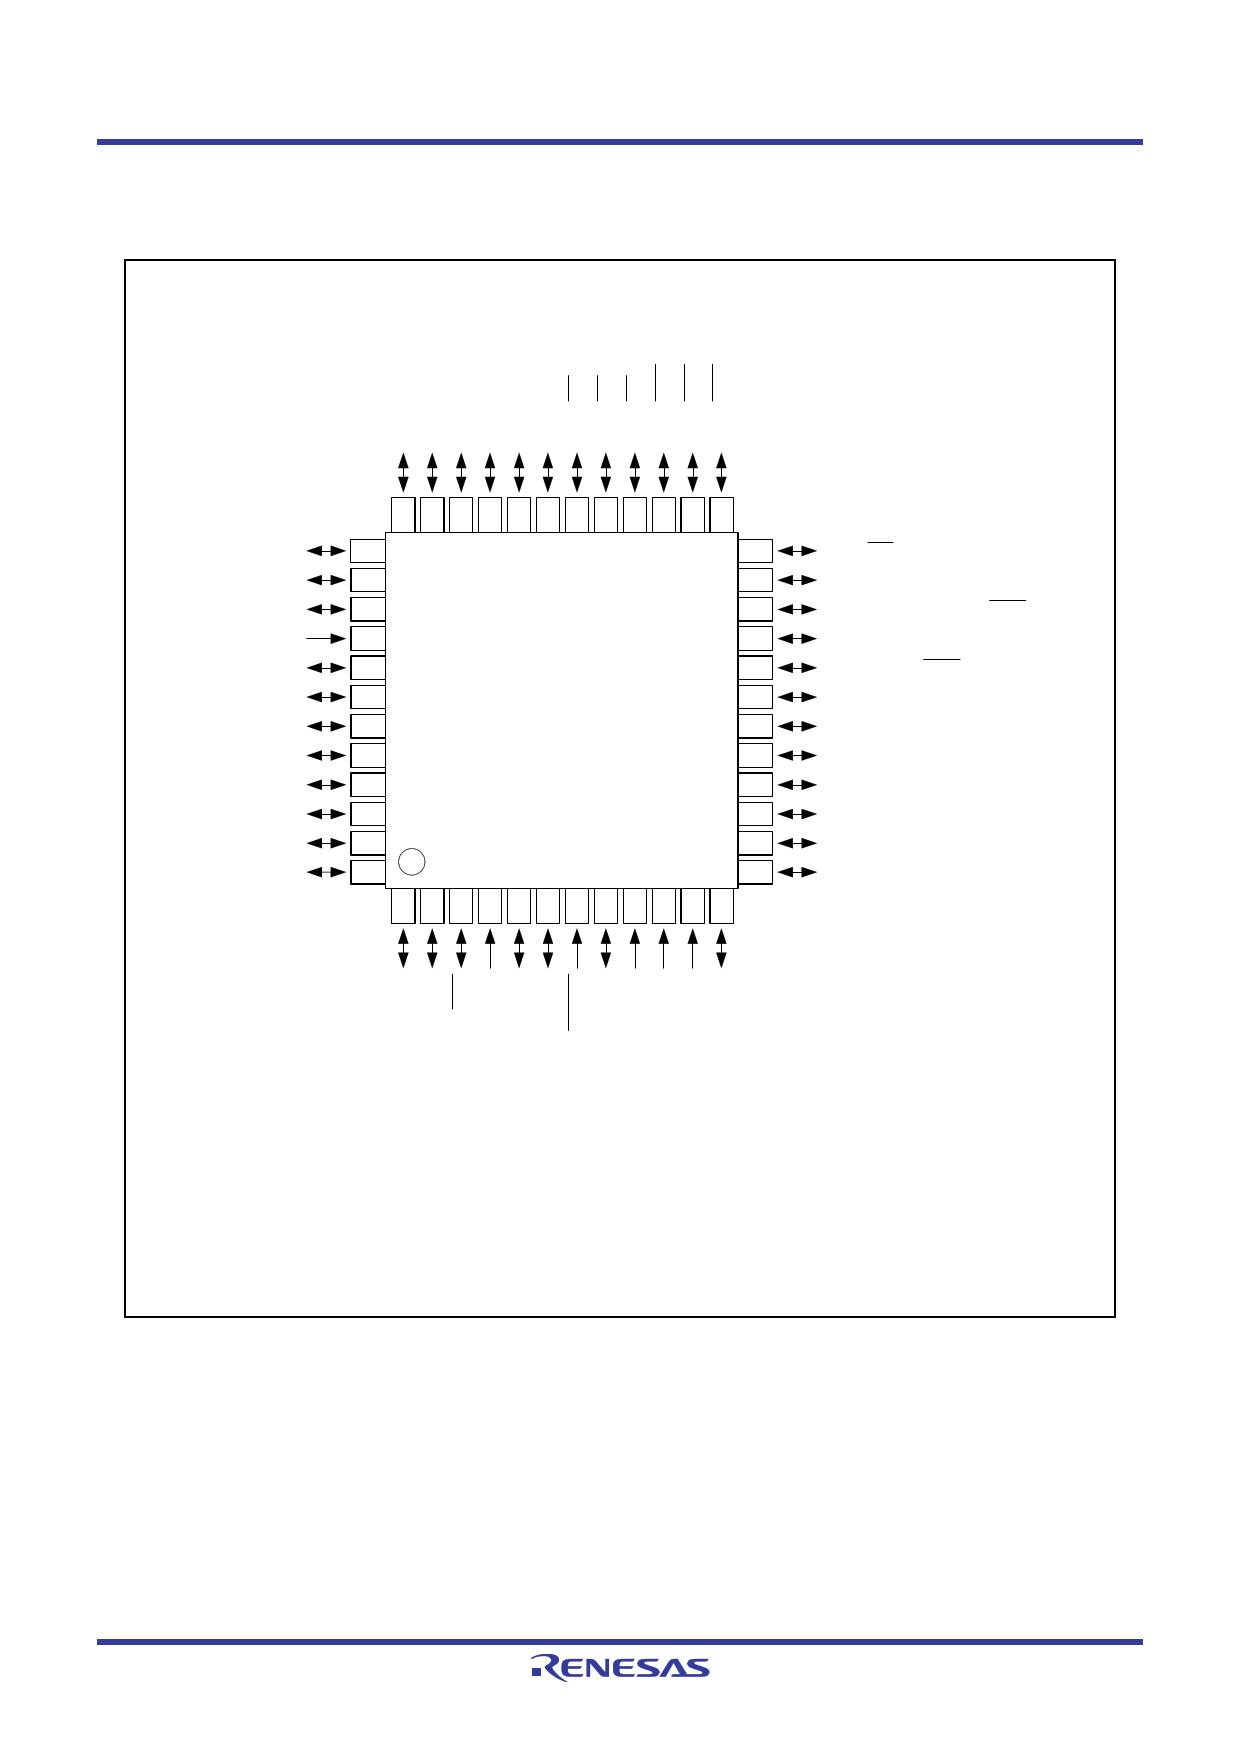 R5F21238KFP 전자부품, 판매, 대치품